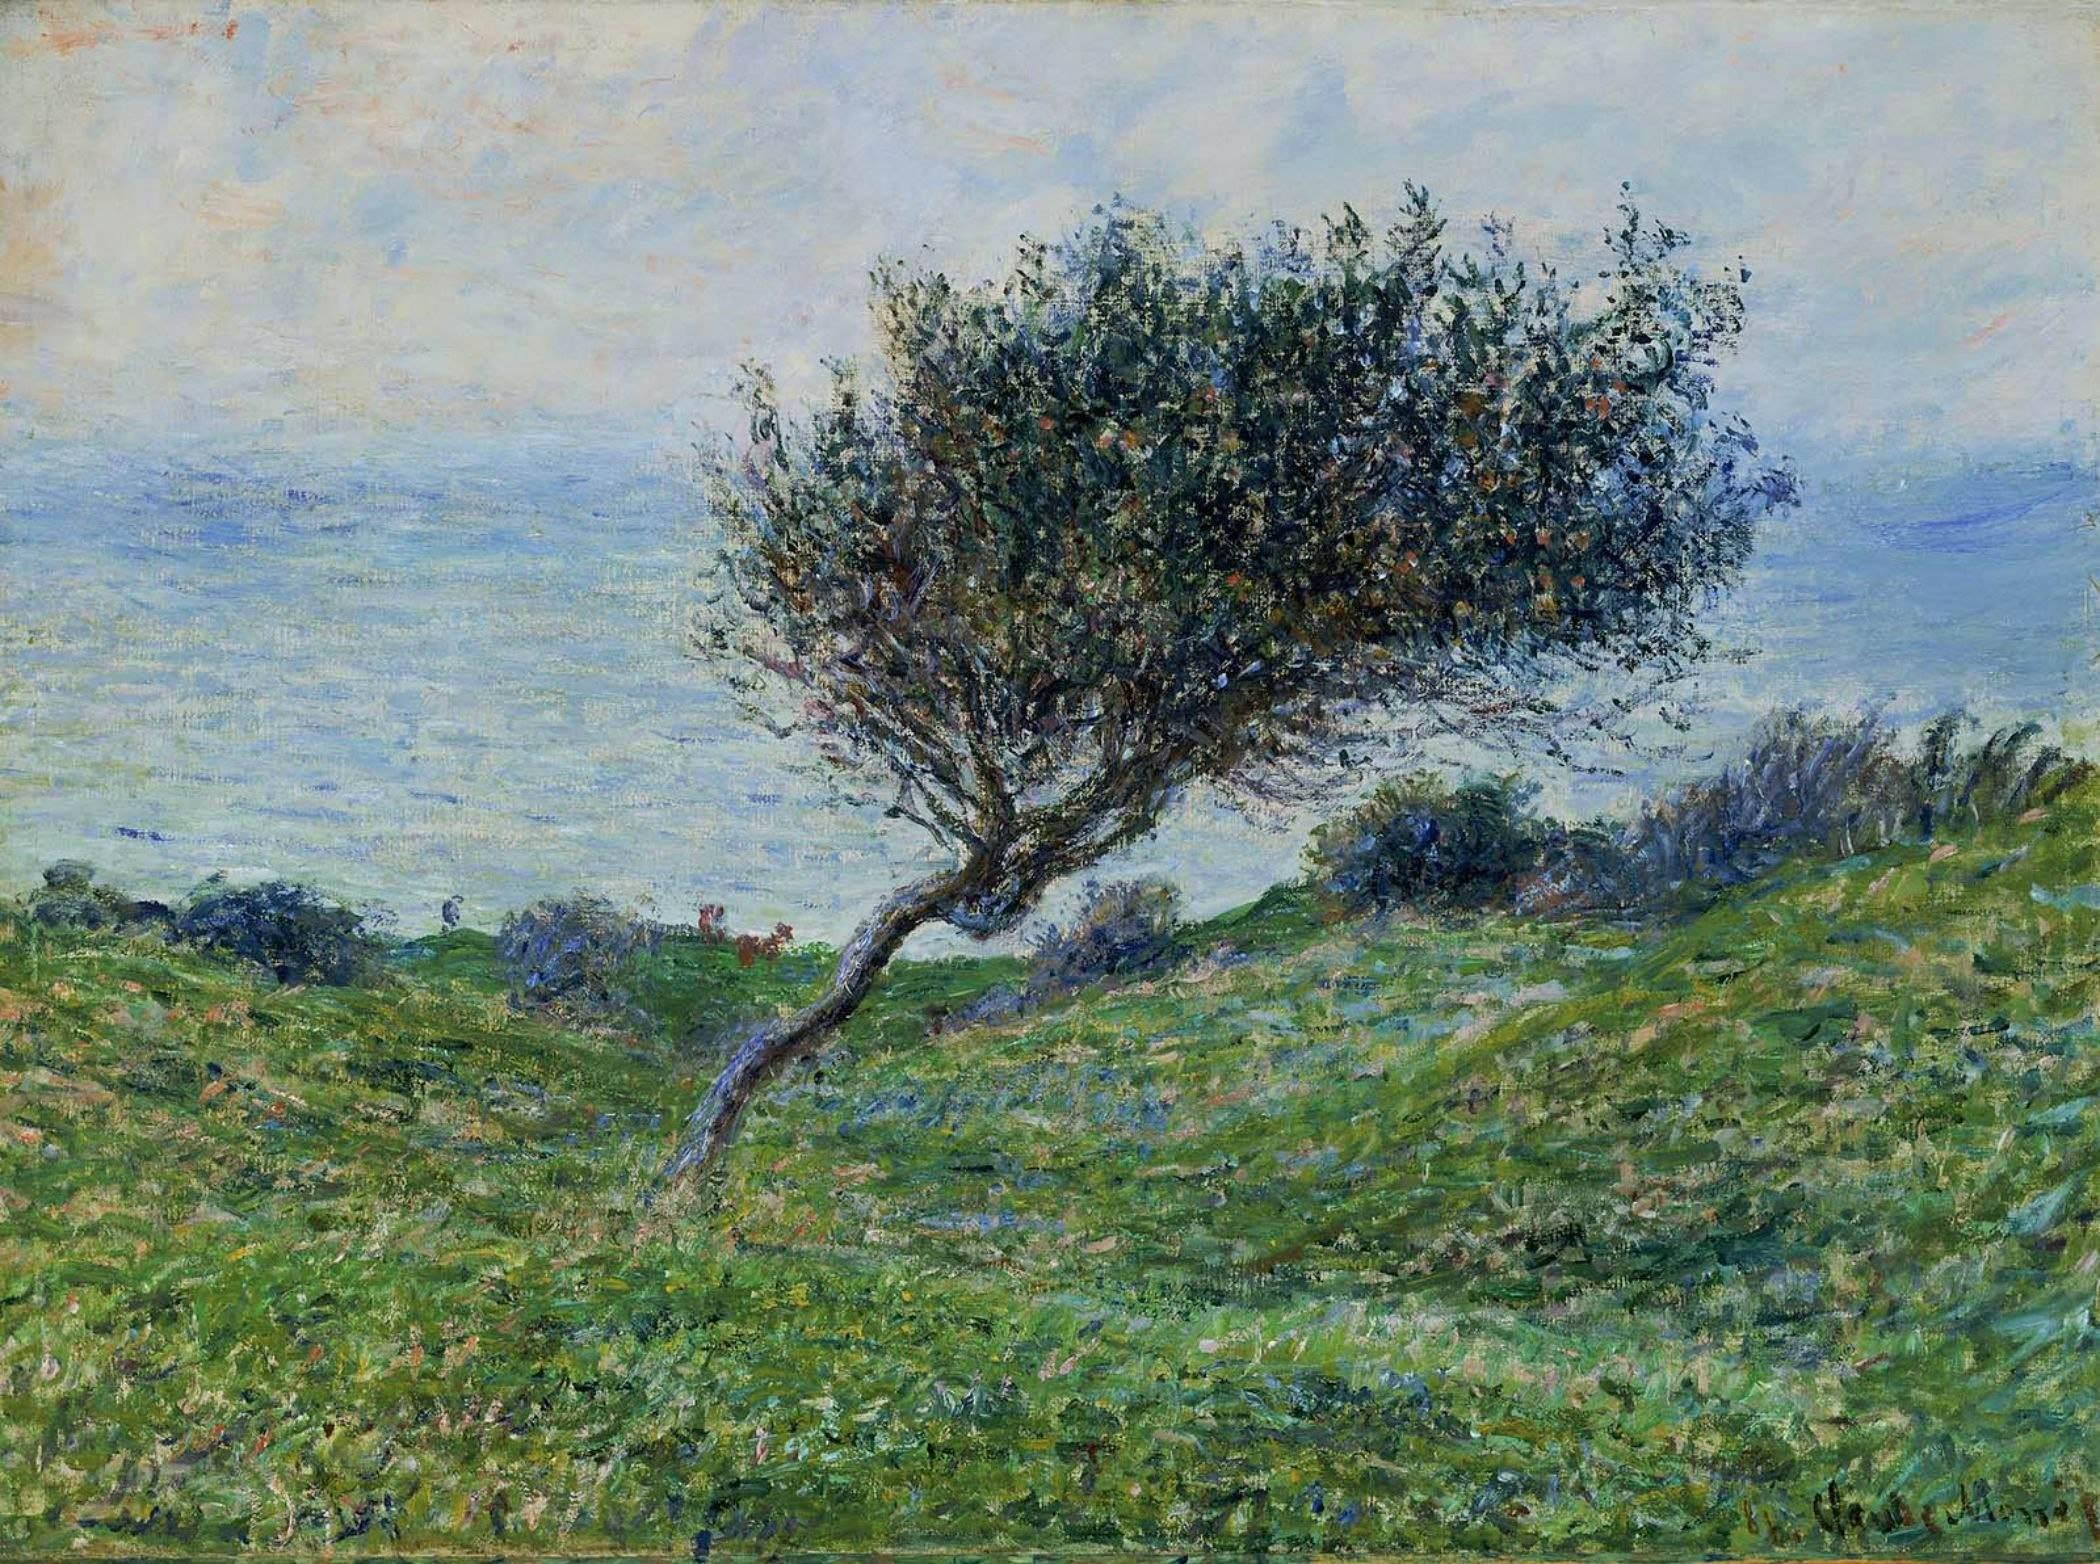 пейзаж < На морском побережье в Трувиле >:: Клод Моне, описание картины - Моне Клод (Claude Monet) фото